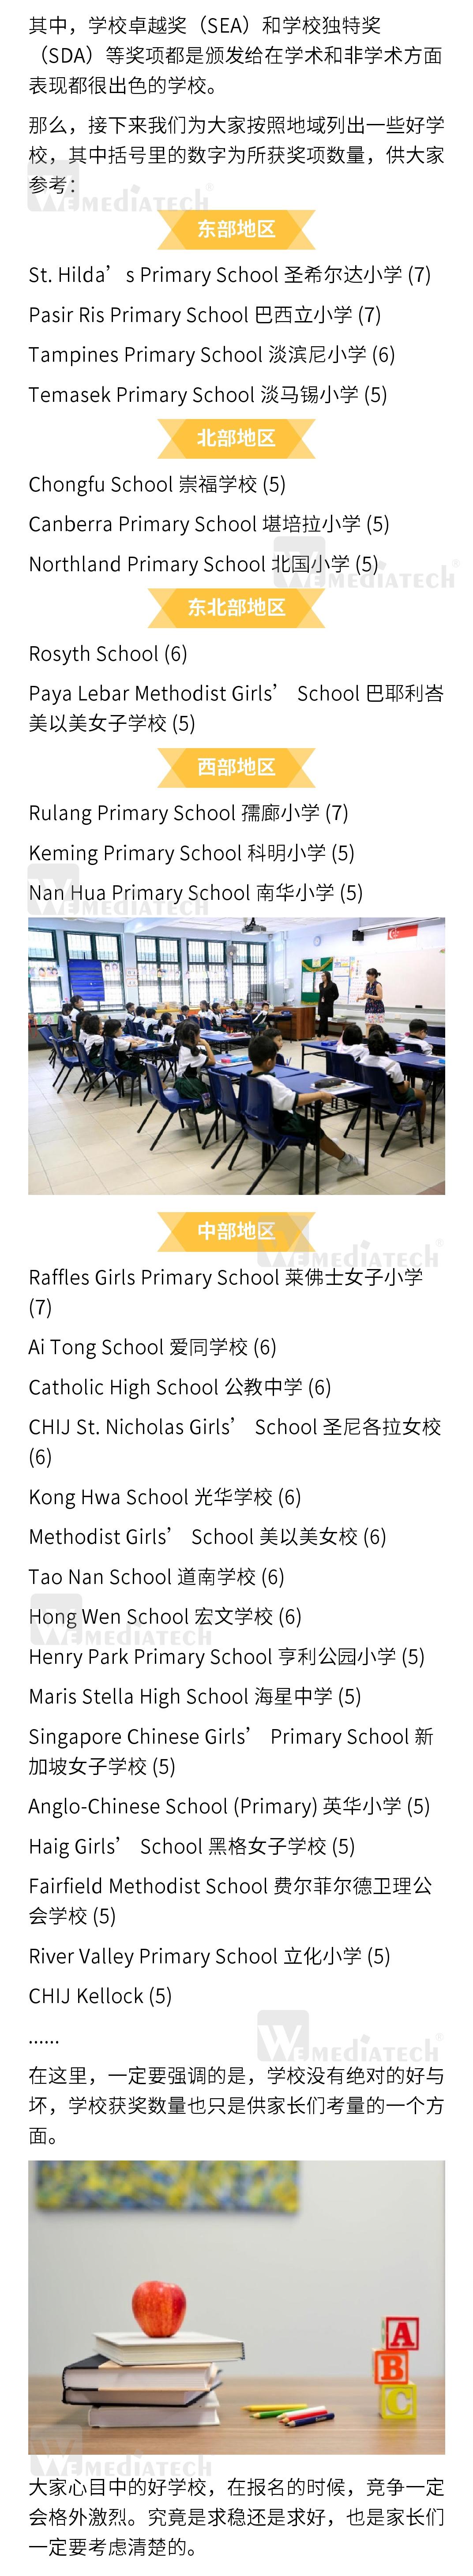 新加坡小学2.jpg